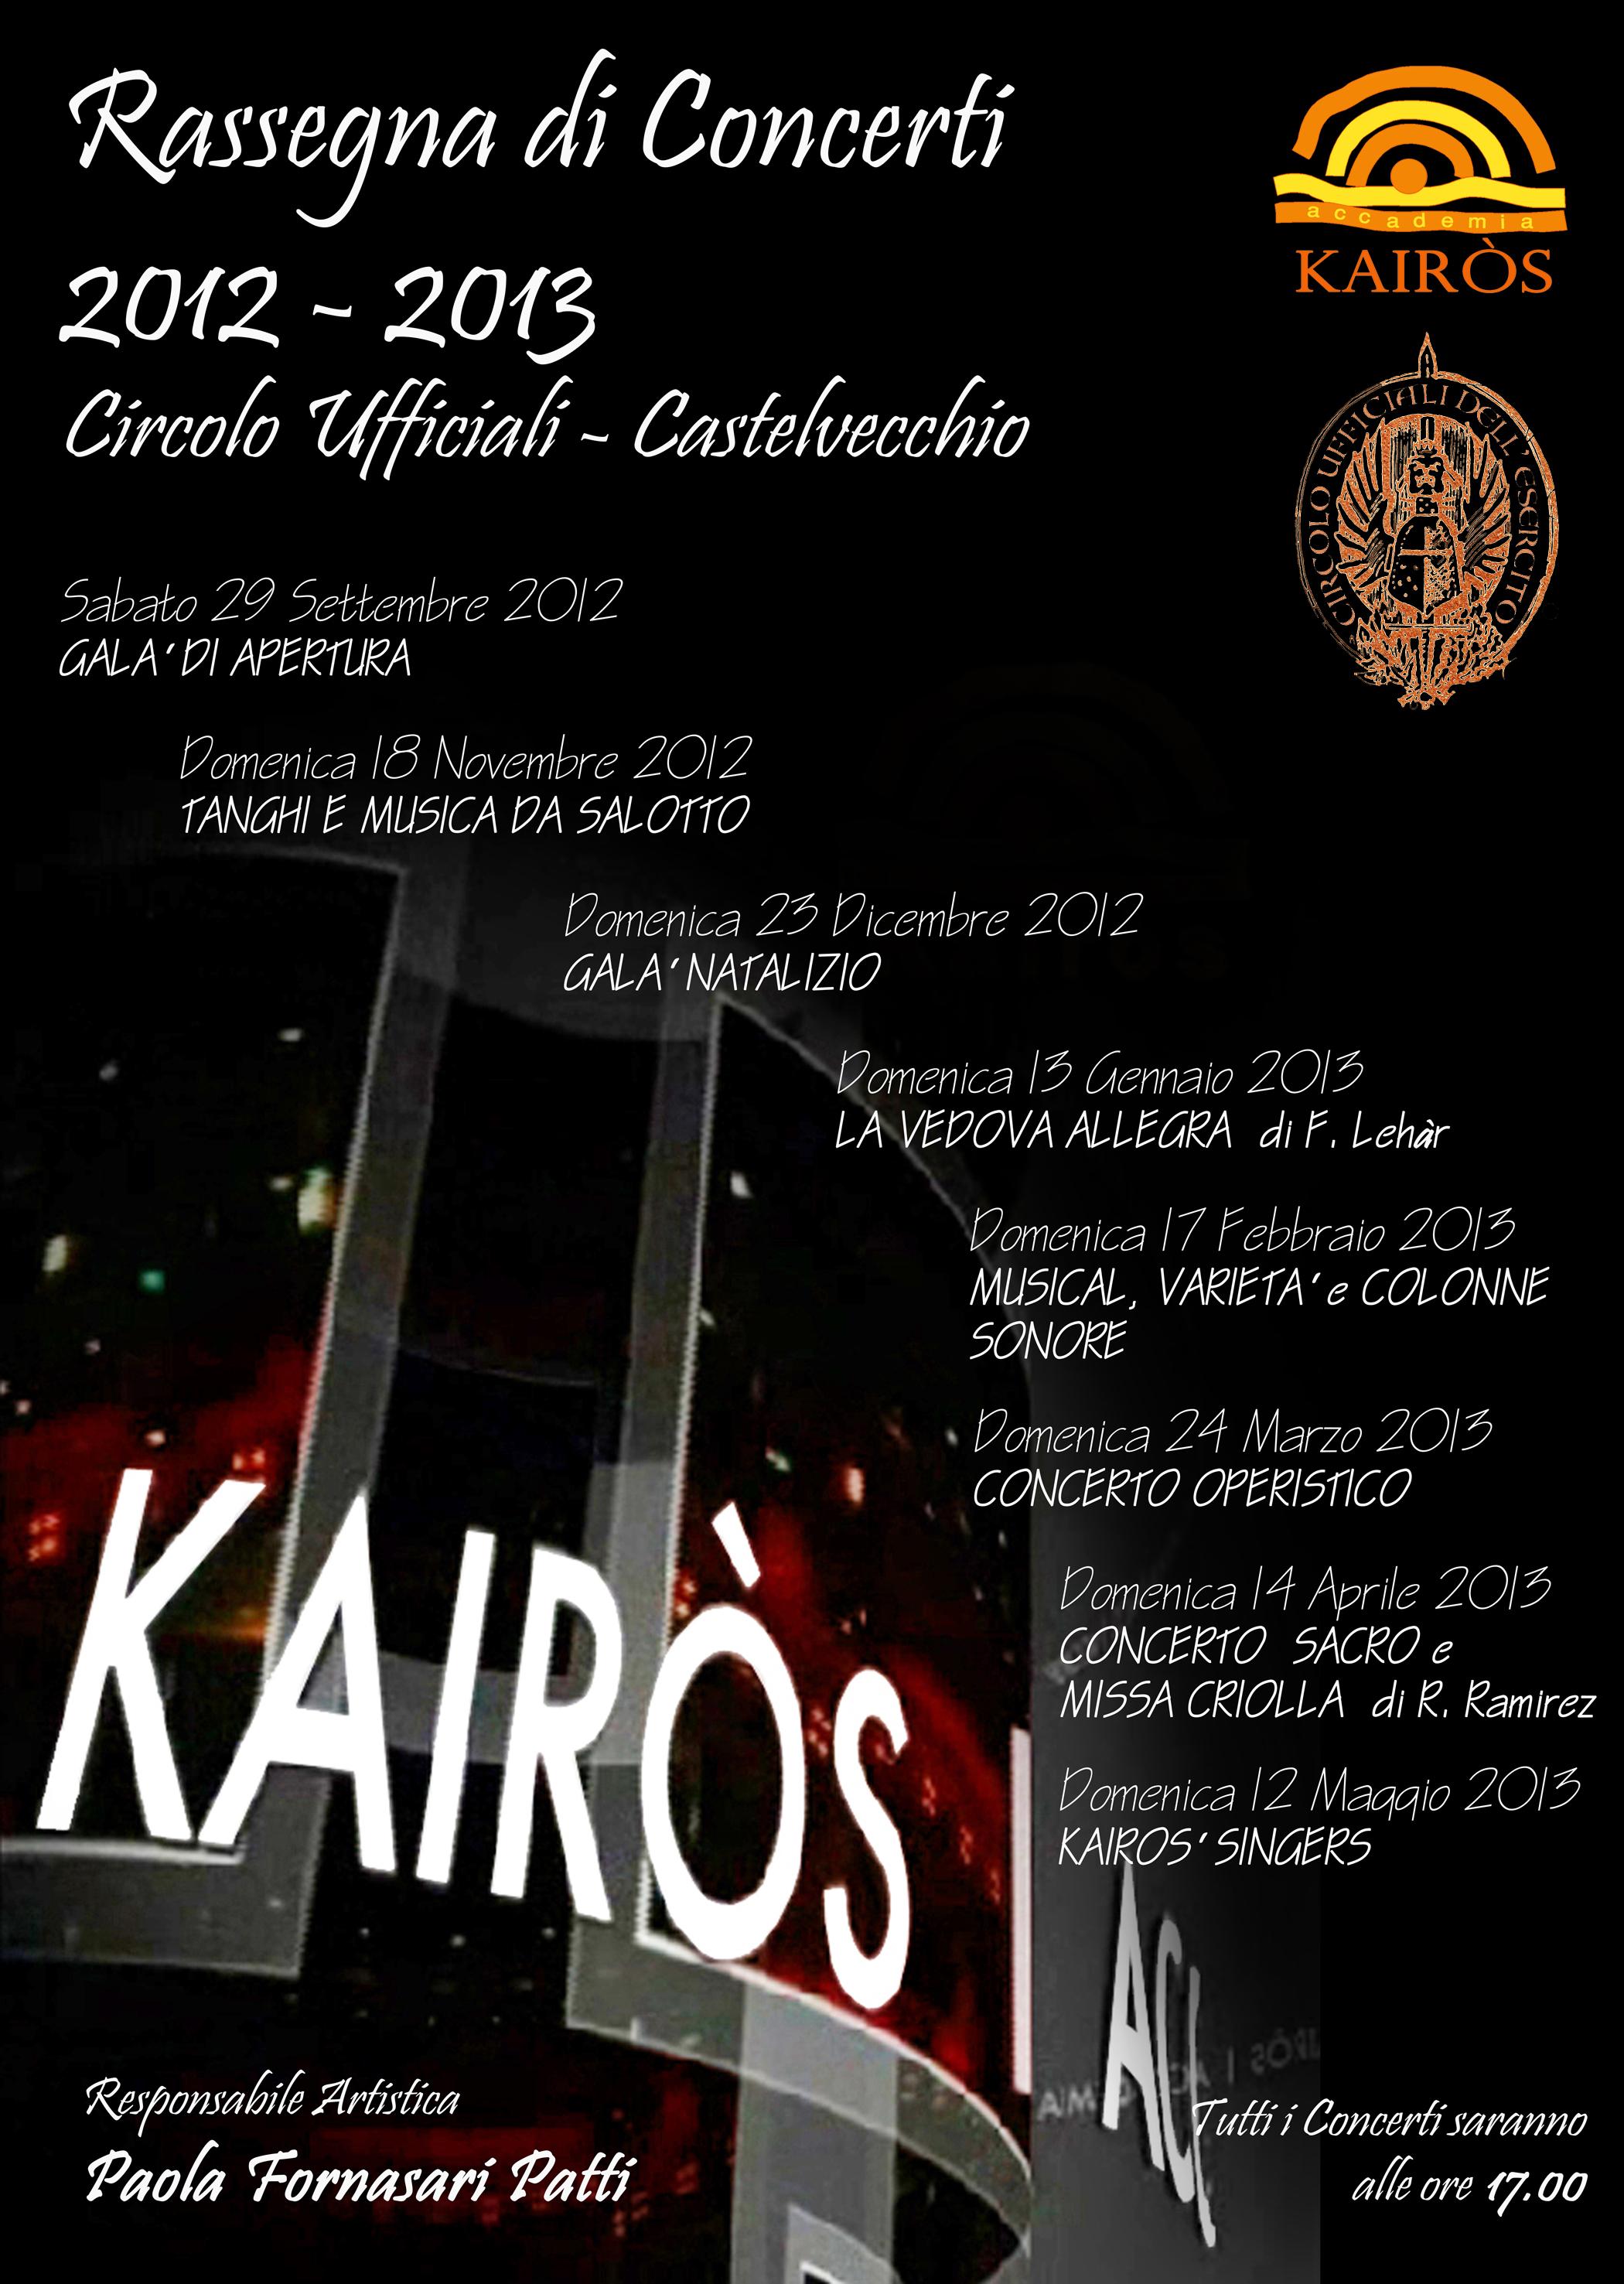 cartolina-fronte-concerti-circ-ufficiali-2012-2013